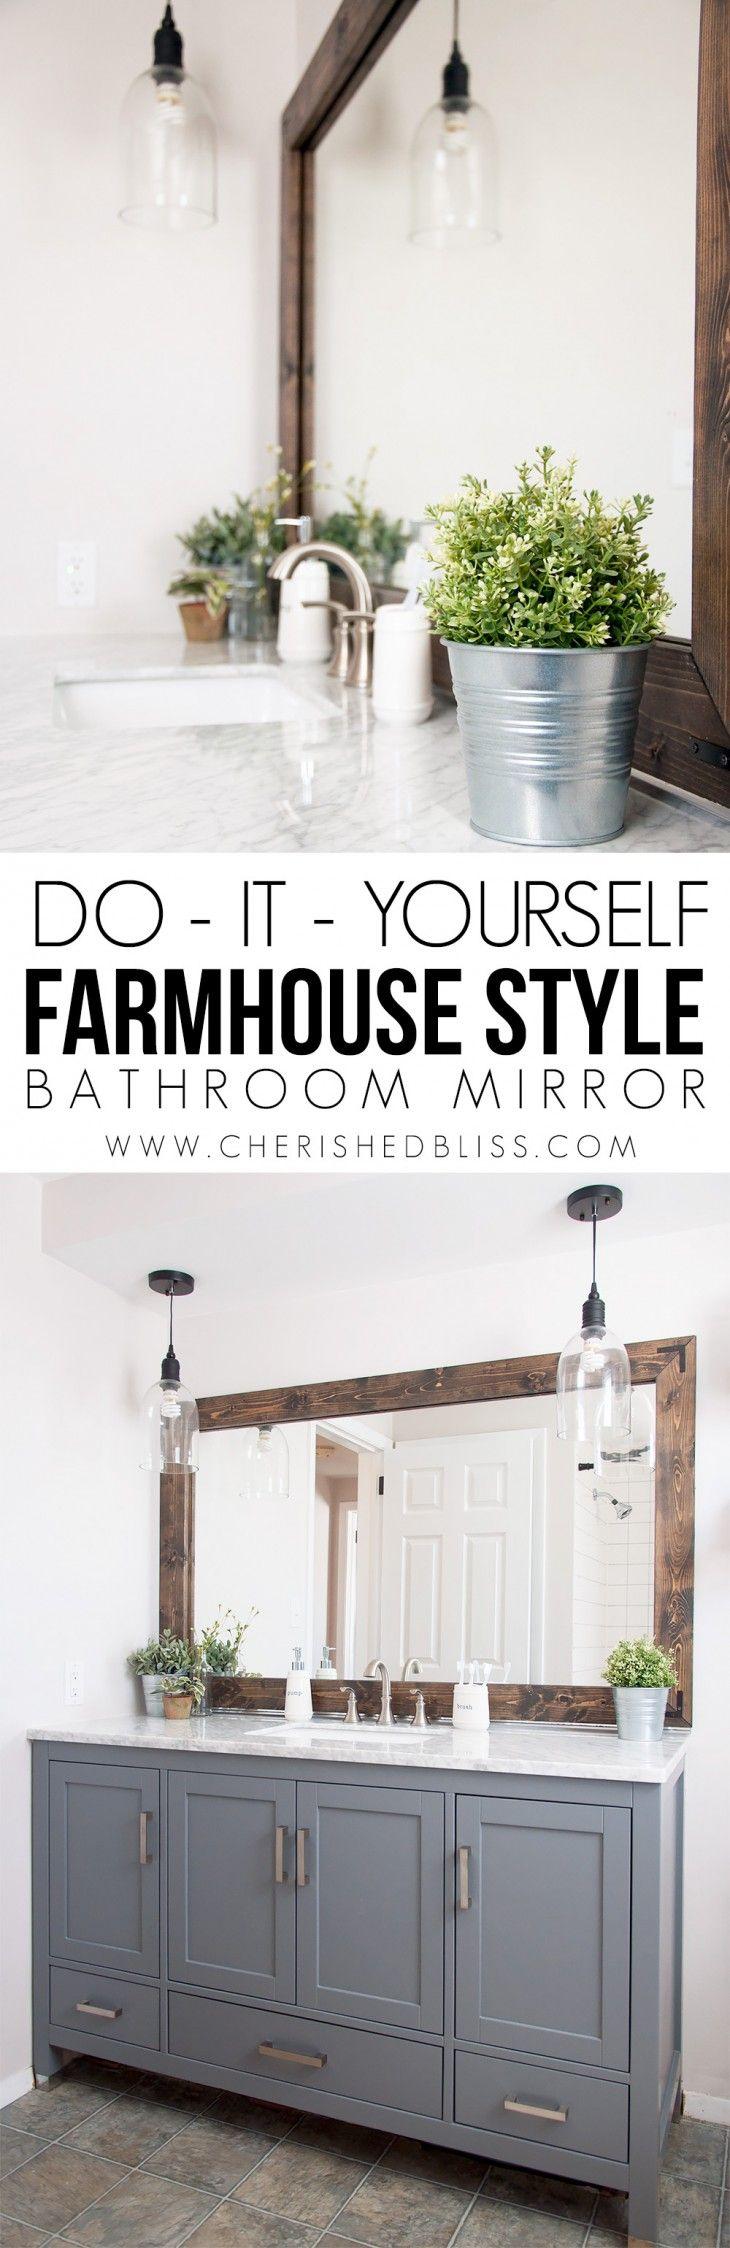 Modern Farmhouse Bathroom 6.farmhouse bathroom mirror | farmhouse bathroom mirrors, bathroom